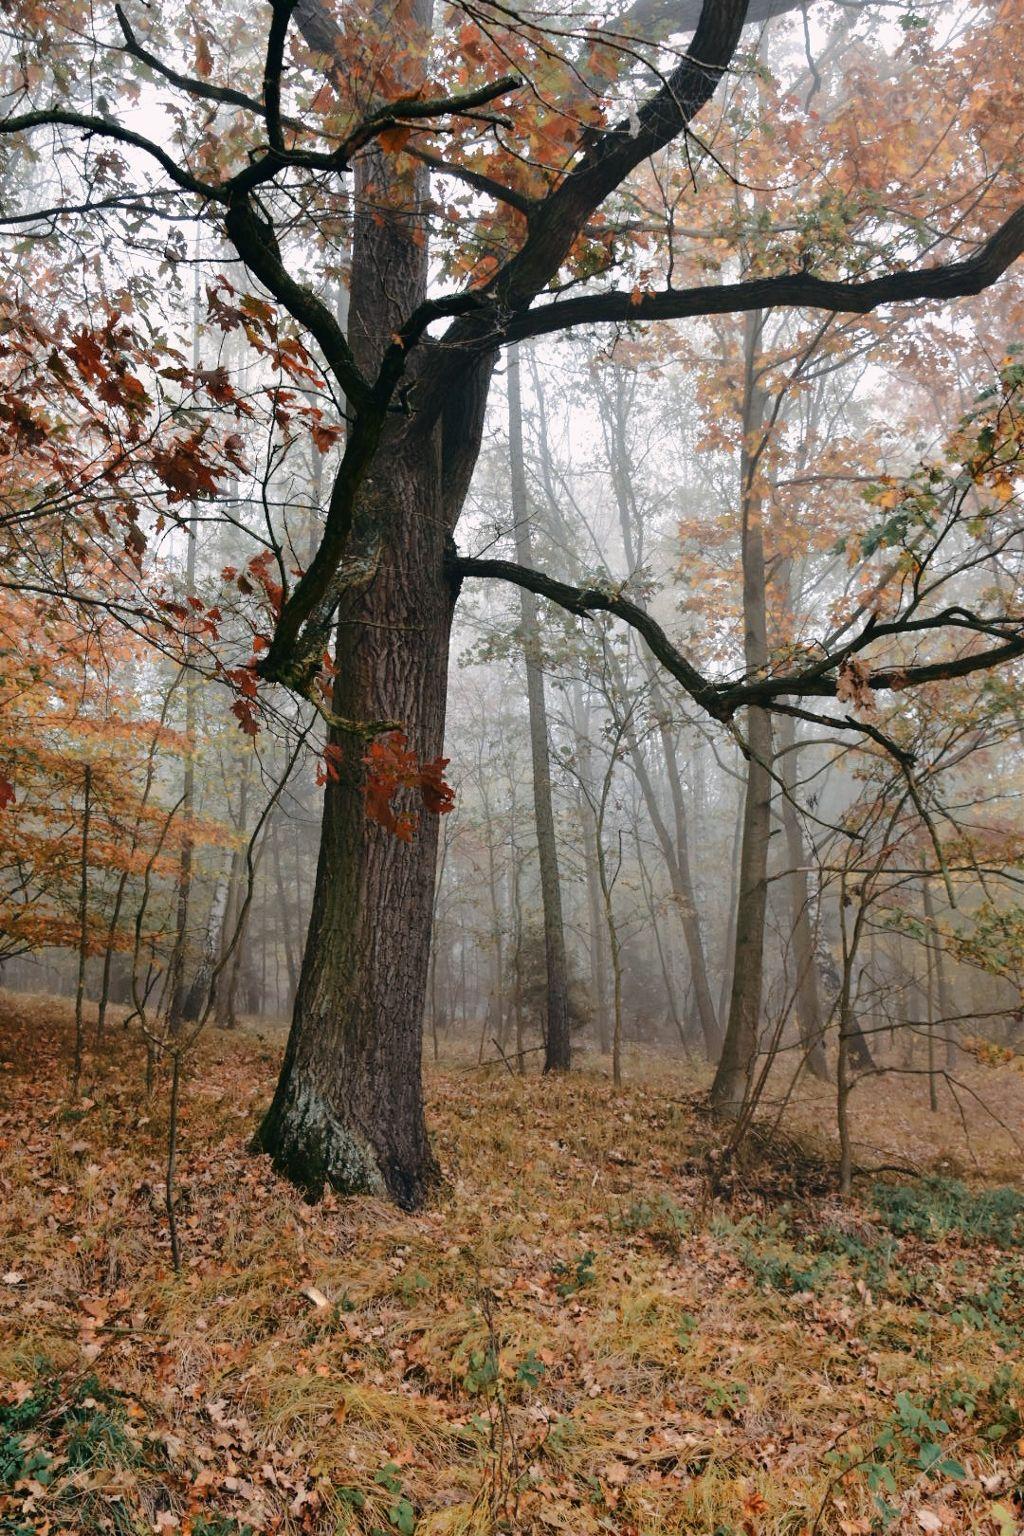 #freetoedit #nature #trees #fog